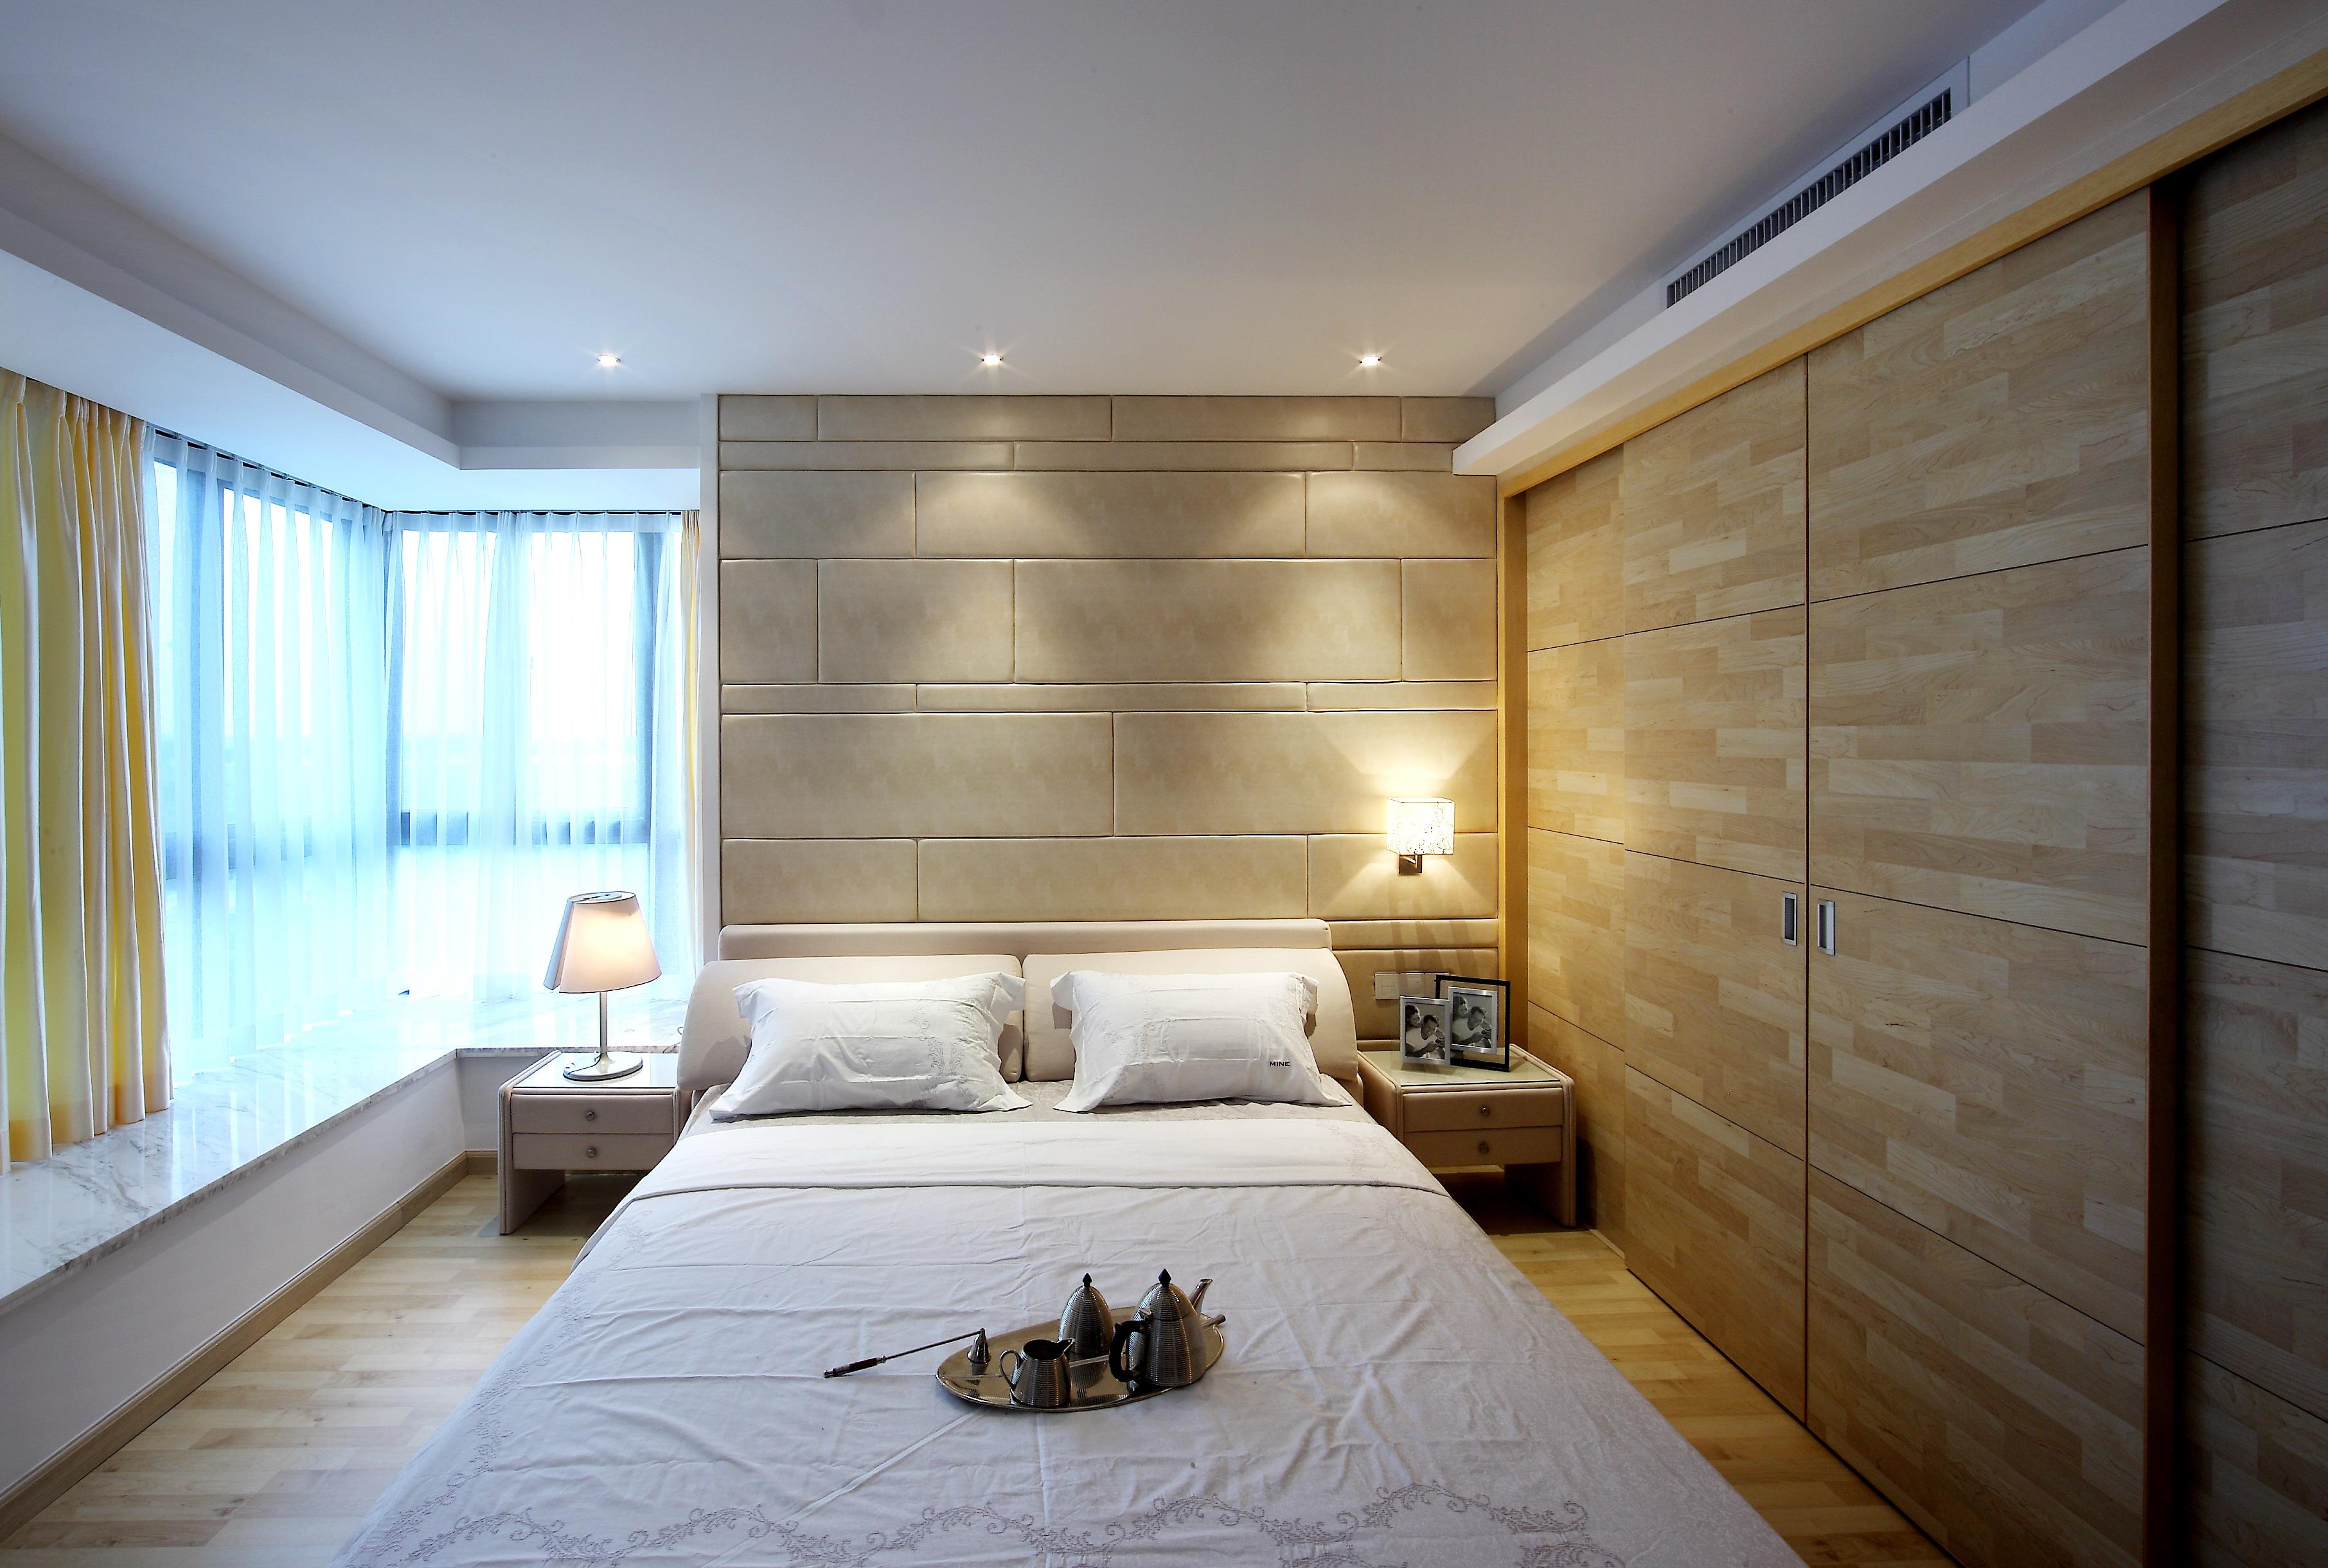 简约 别墅 小资图片来自北京尚都国际装饰在大儒世家(北京尚都国际装饰)的分享